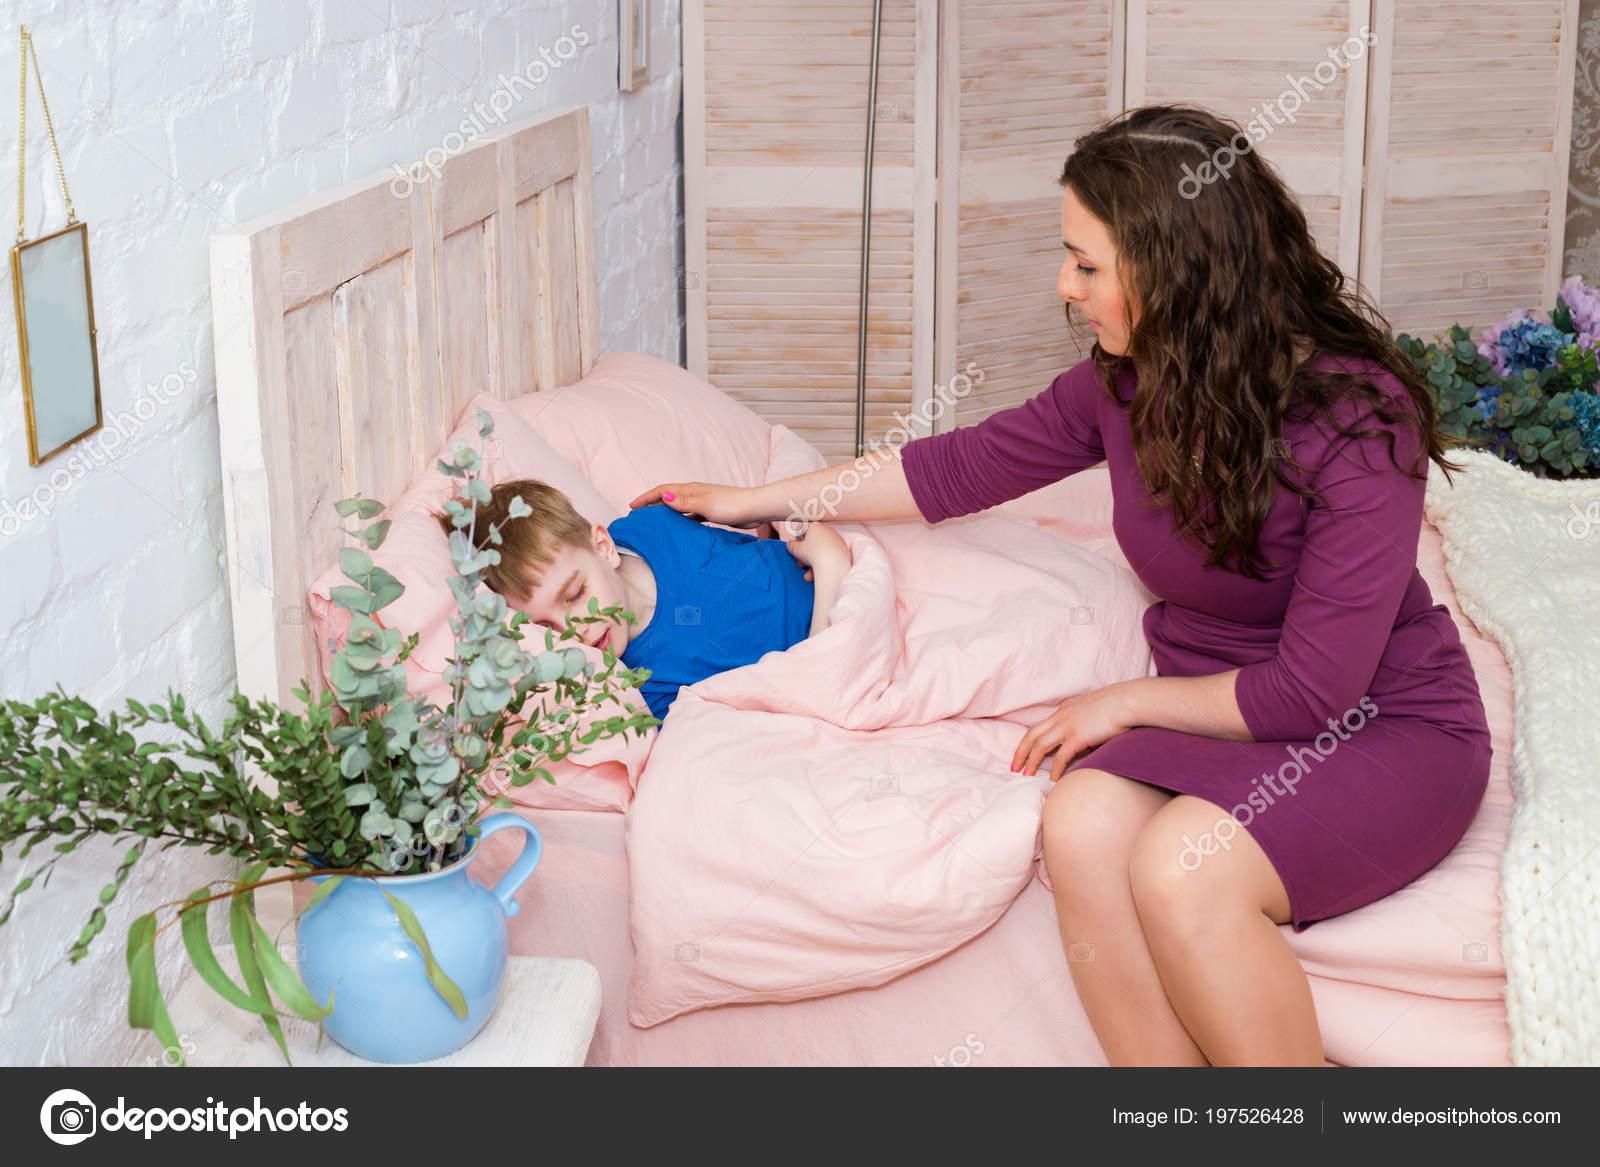 Сын трахнул спящую мать в рот, Похотливый сын поимел спящую маму в рот и пизду 18 фотография